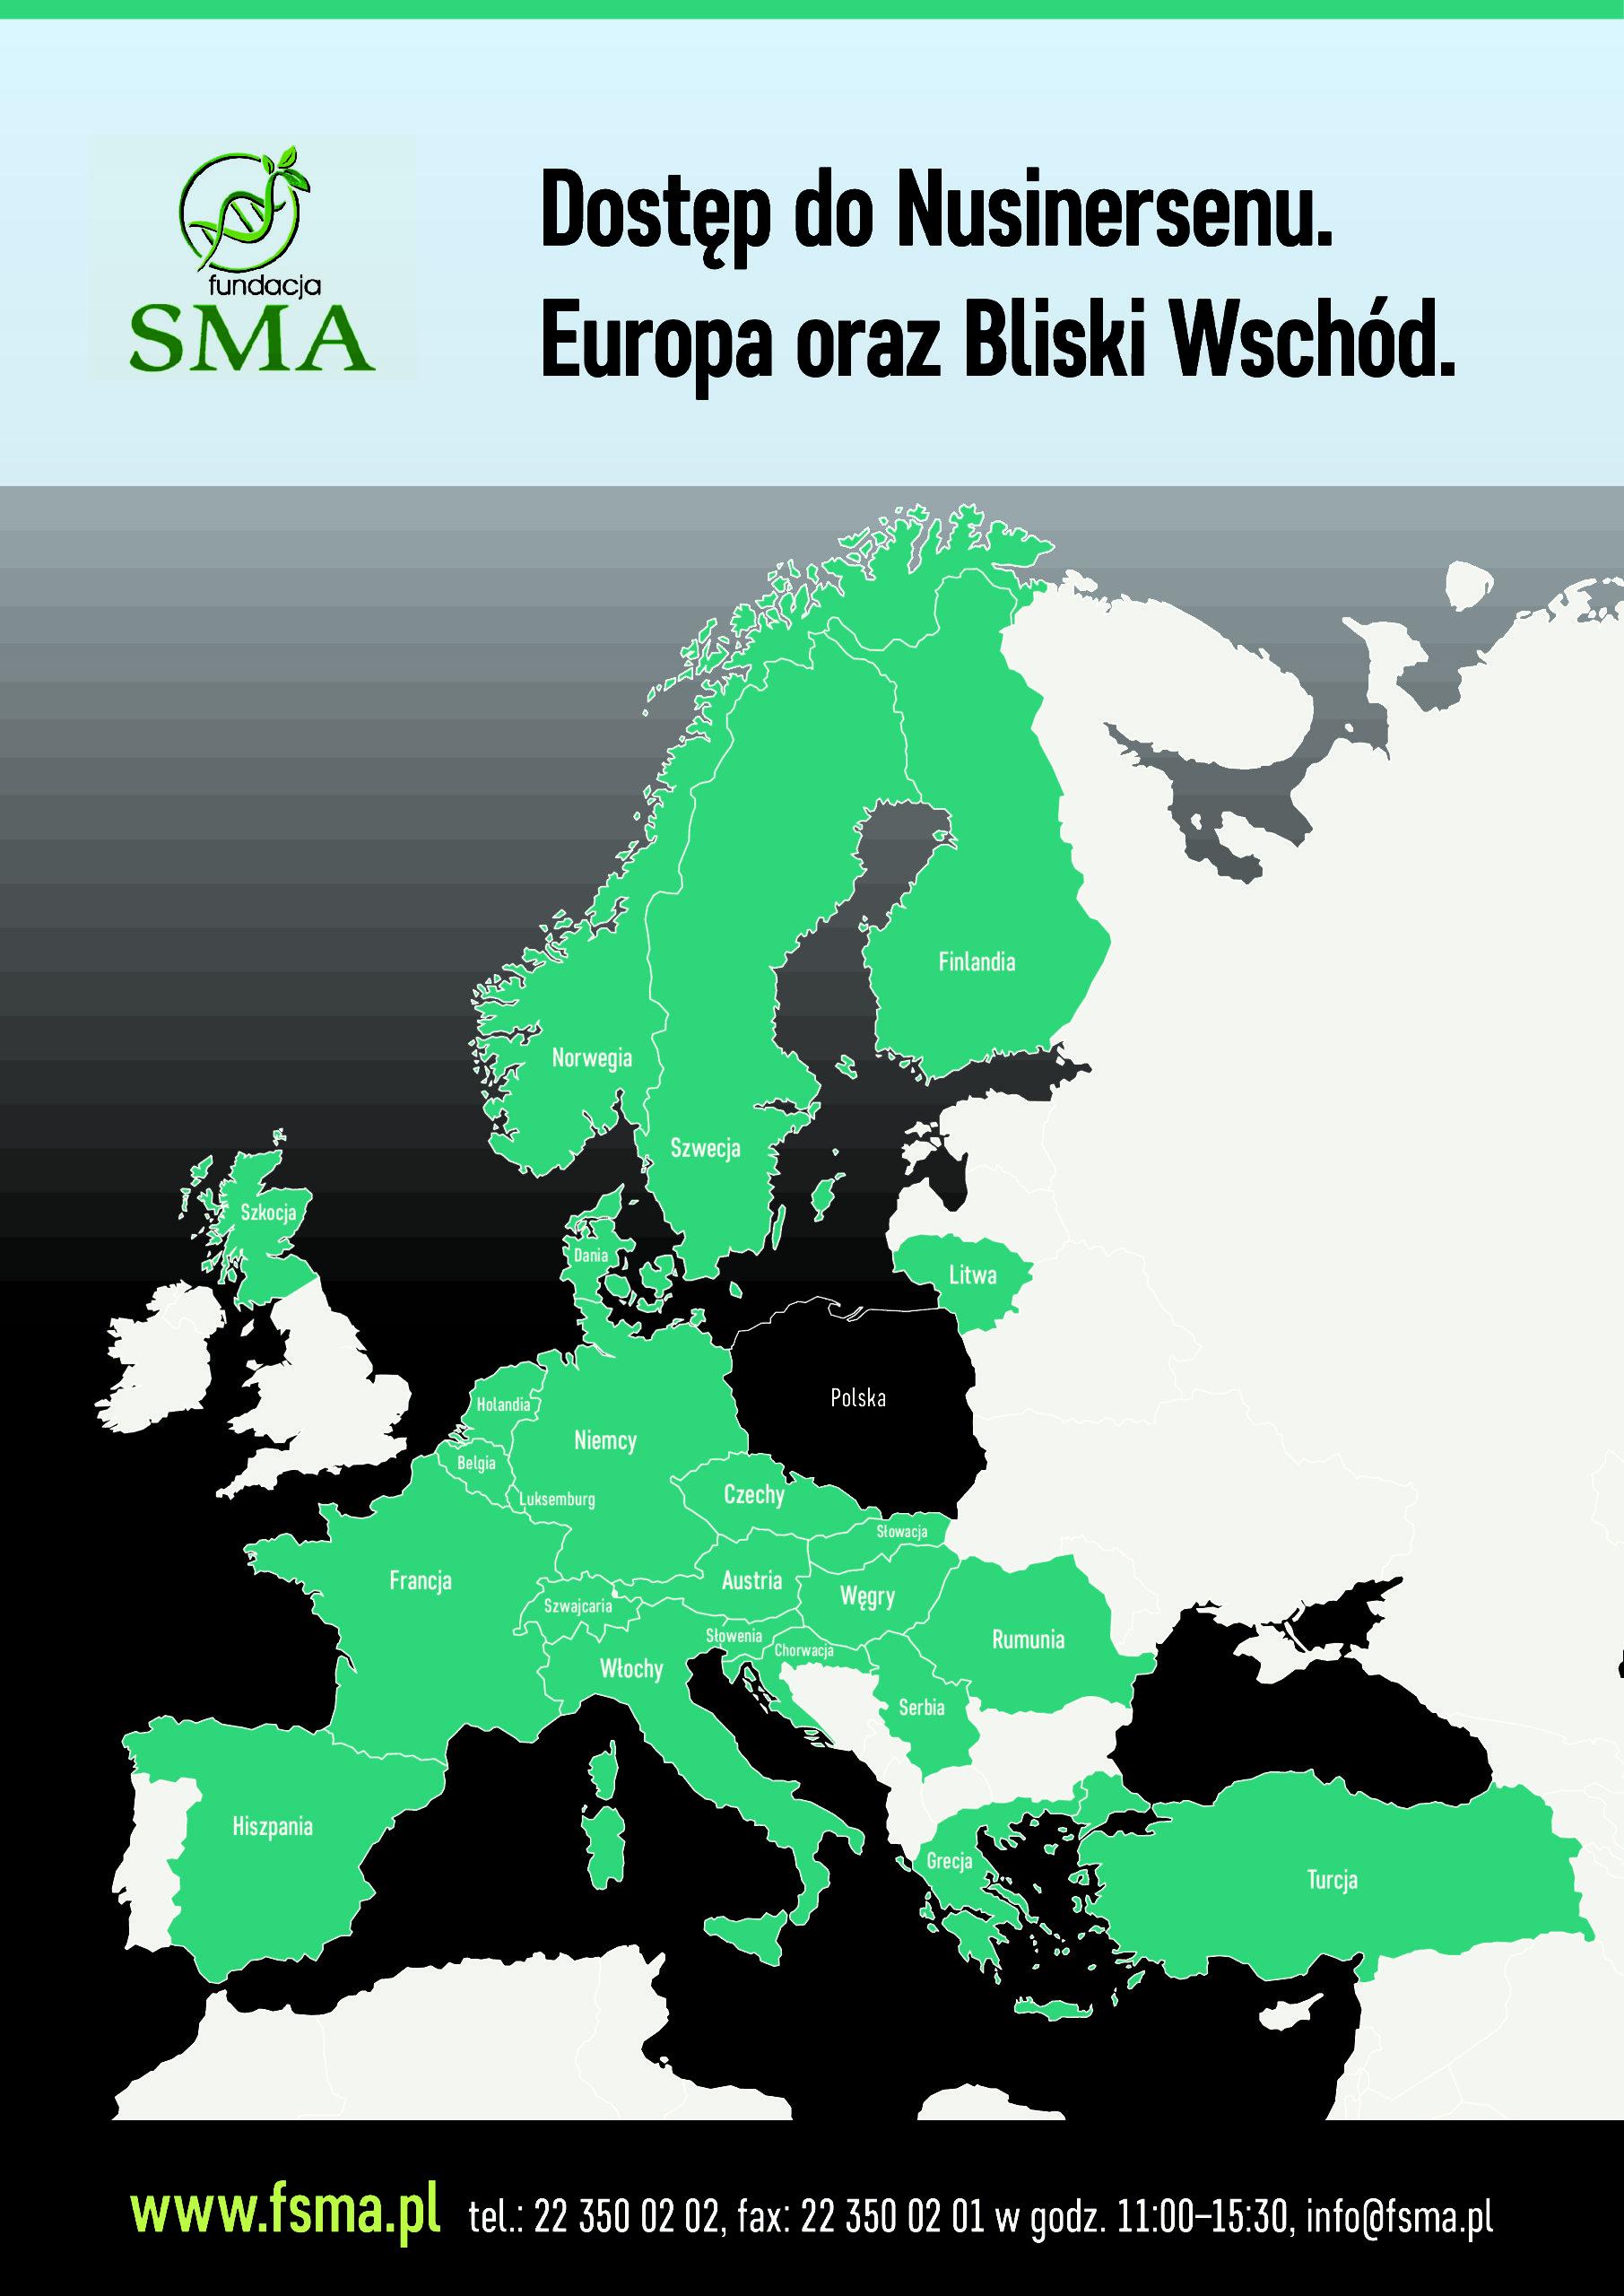 Polska Krajem III świata W Dostępie Do Terapii Na SMA?